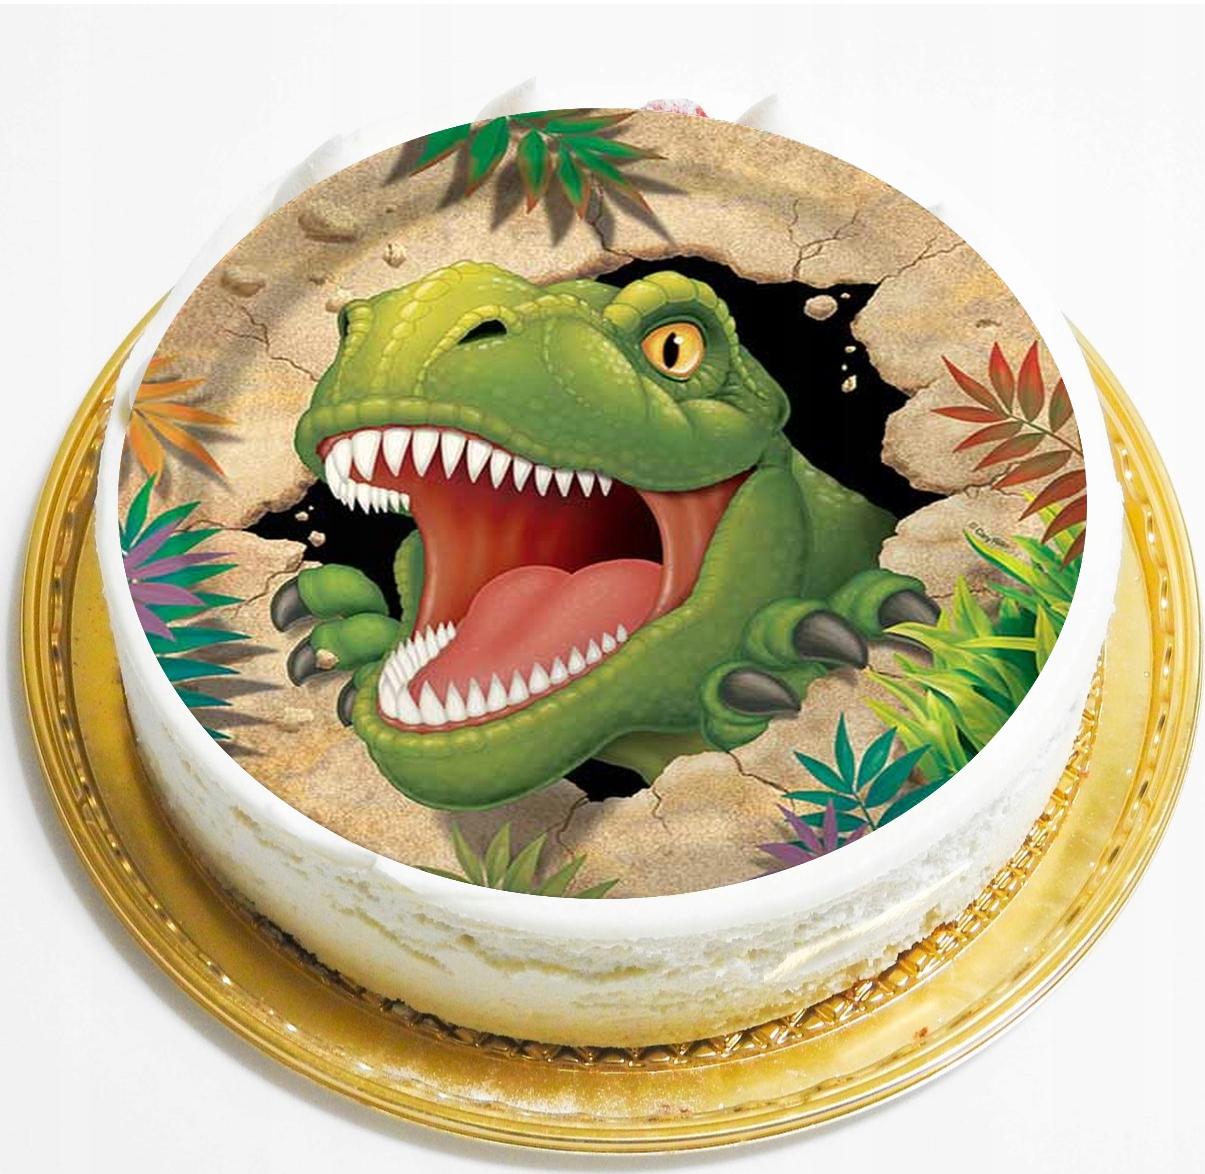 делает динозавр картинка на торт круглая можете запросить